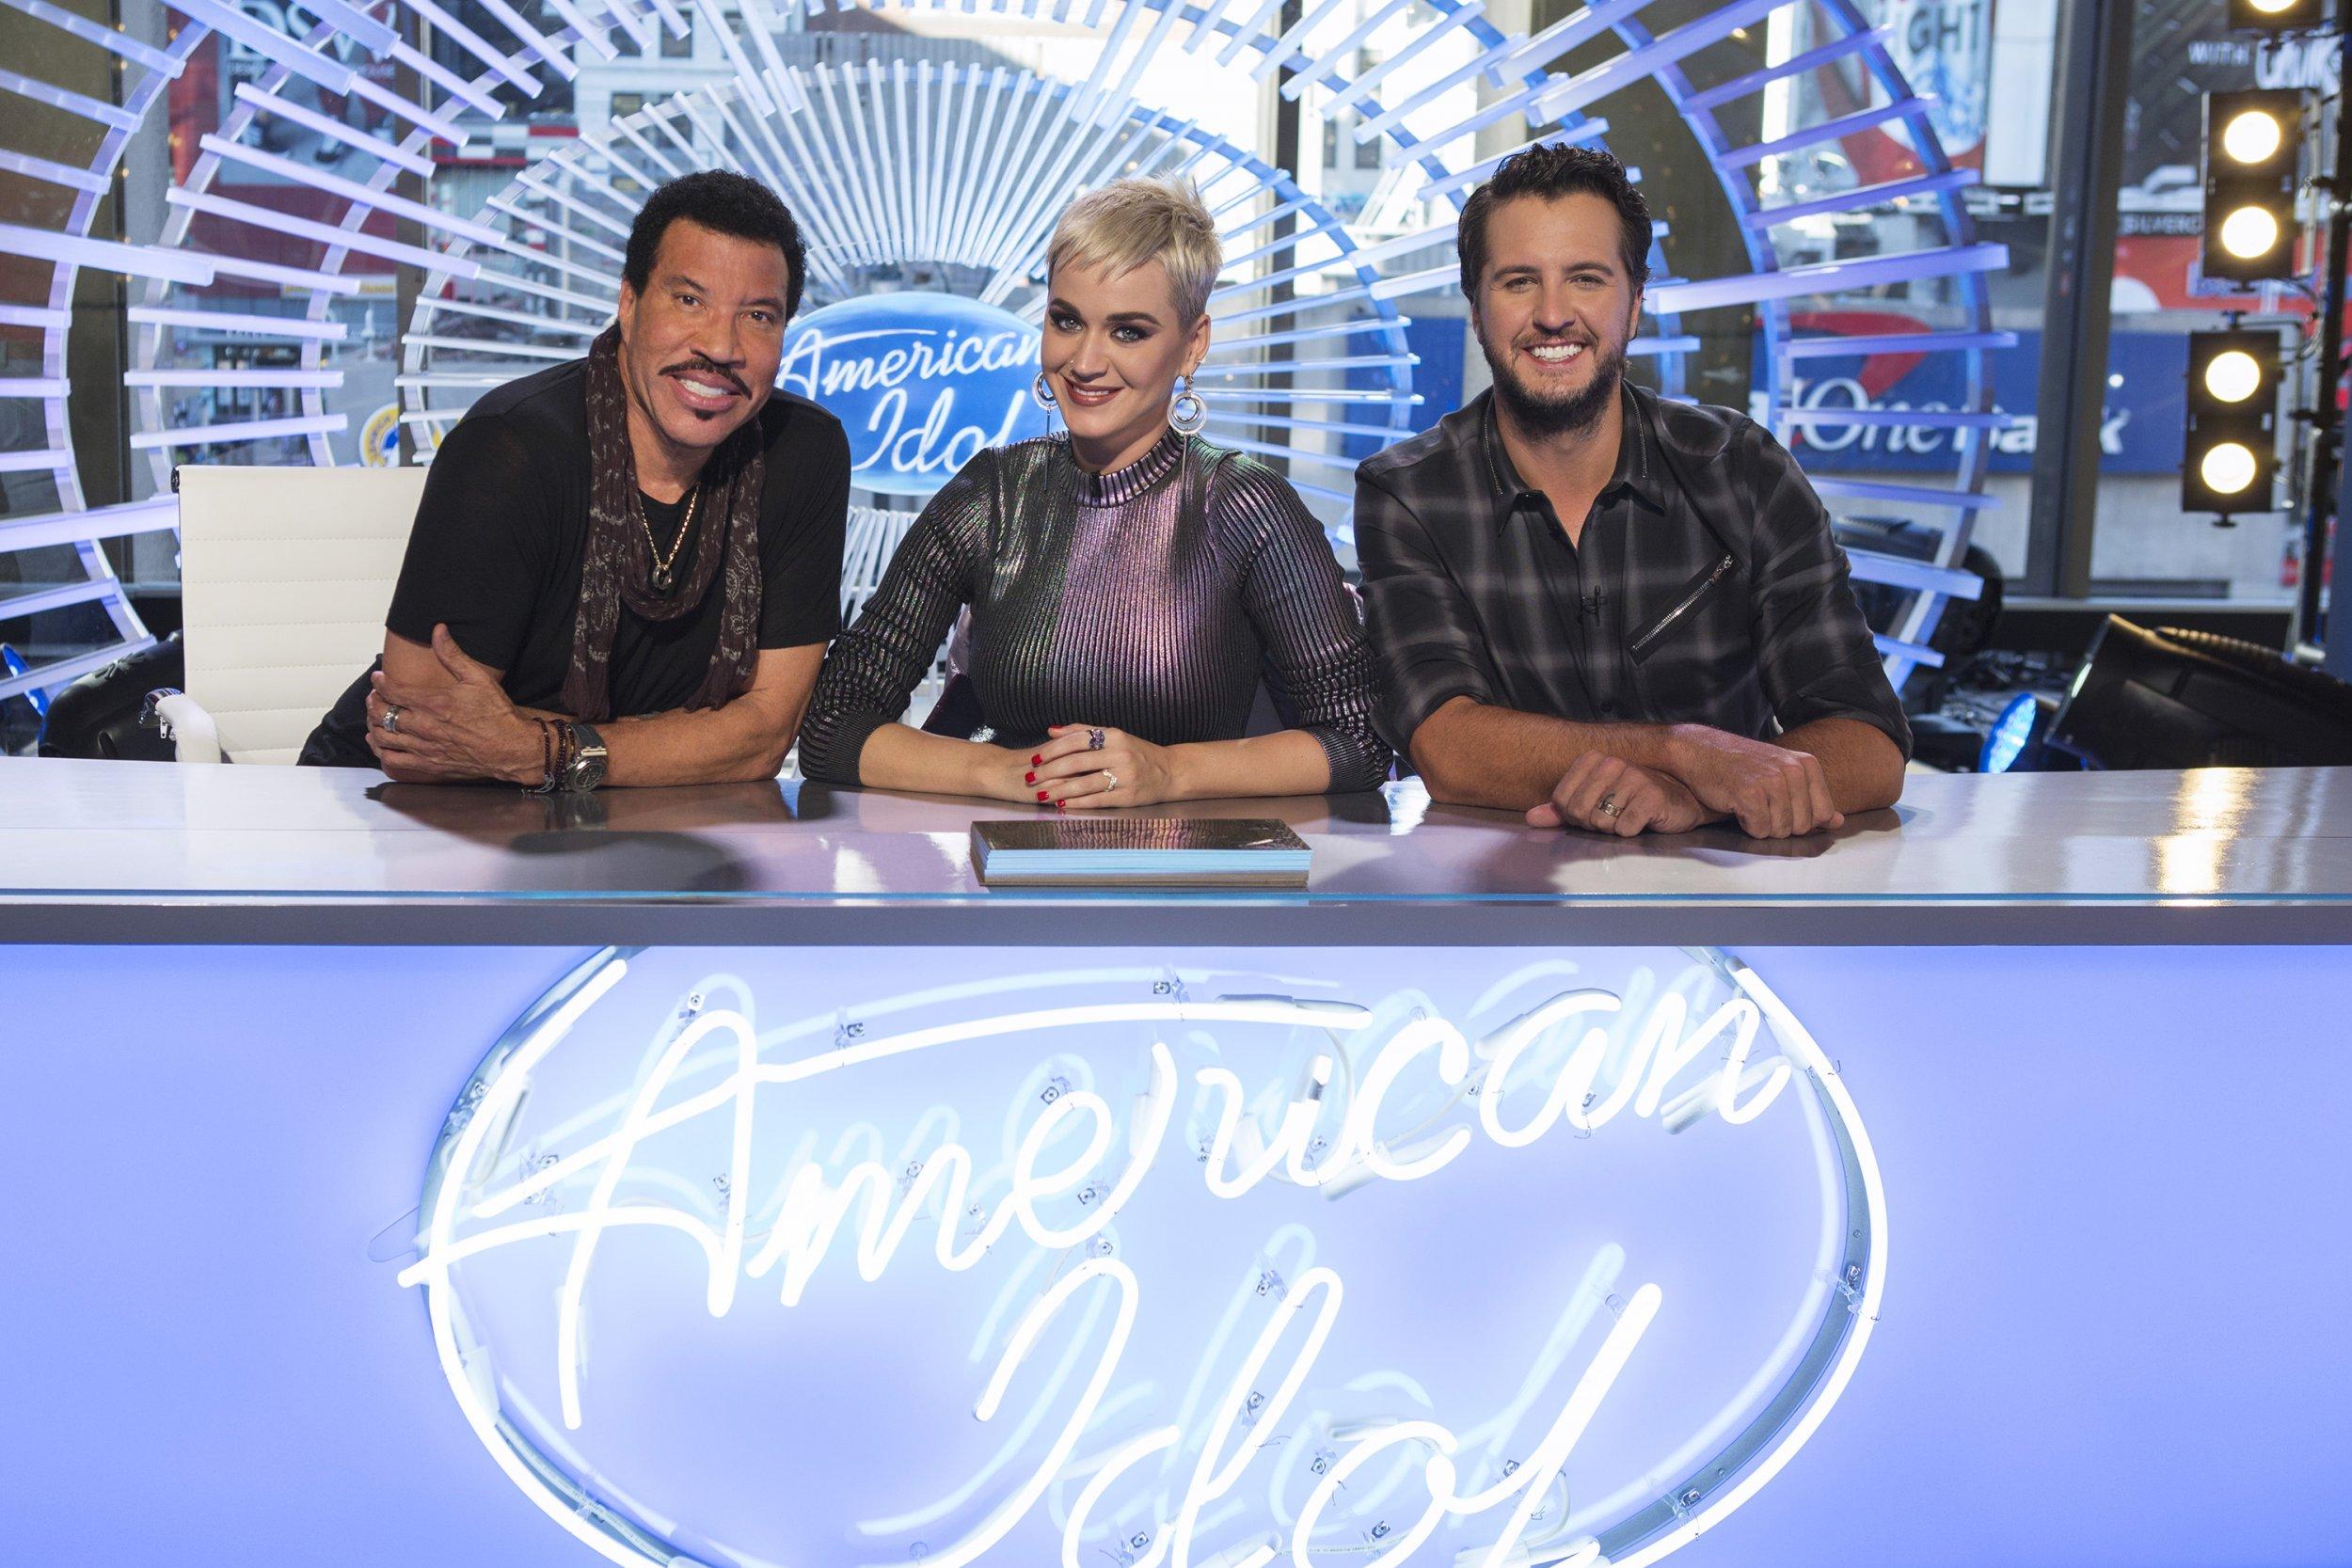 'American Idol' 2019 Spoilers & Recap